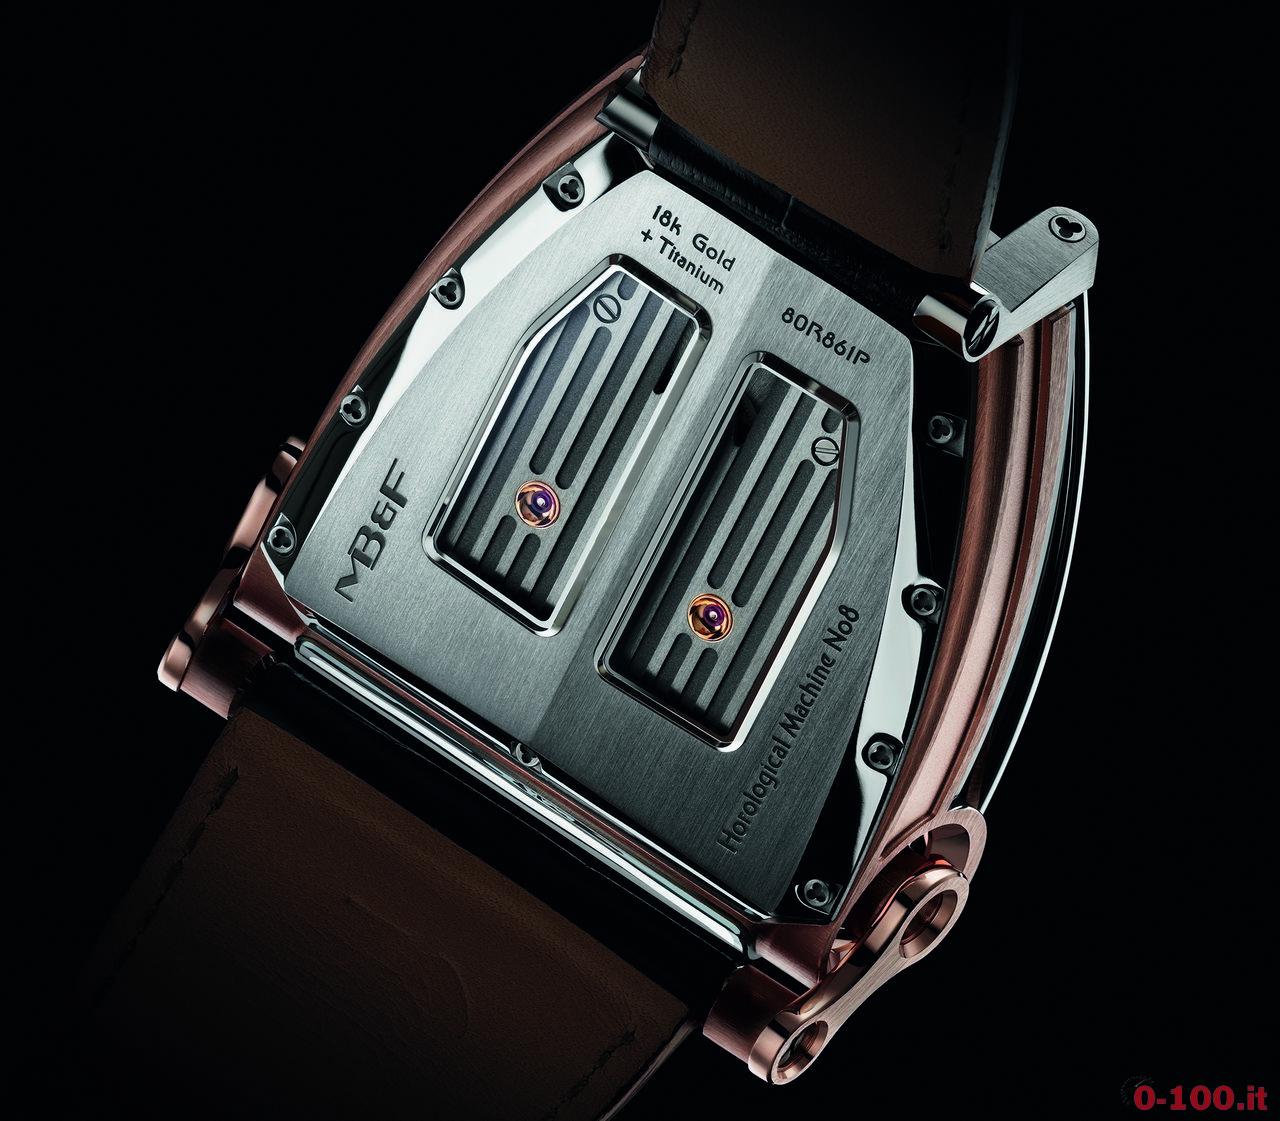 mbf-horological-machine-n8-can-am-prezzo-price_0-10011